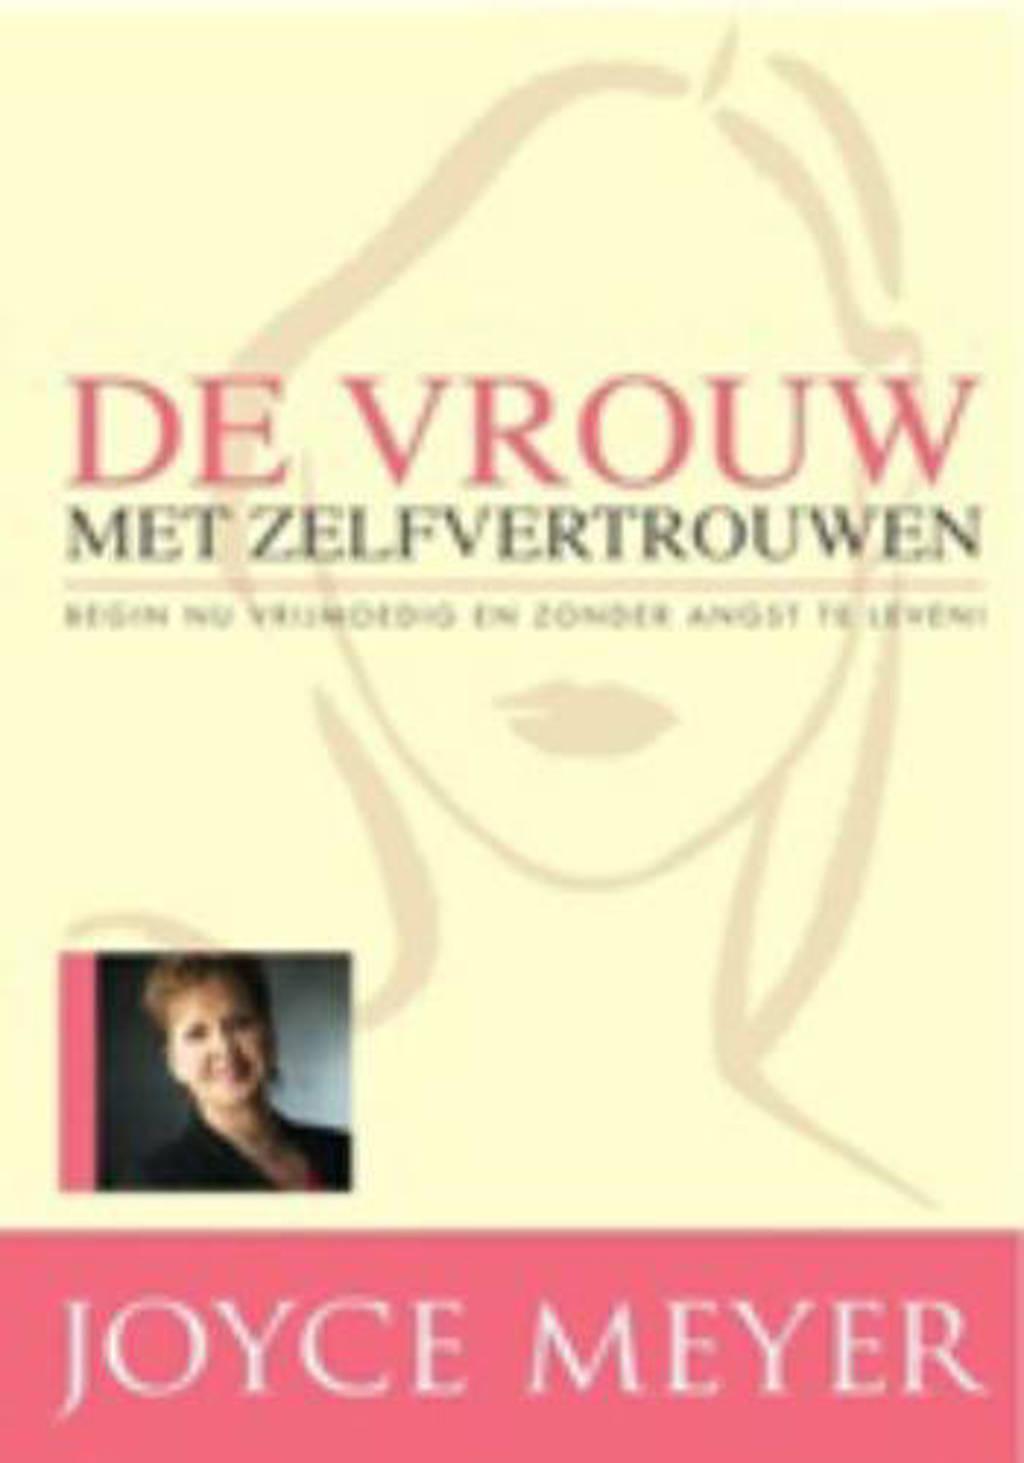 De Vrouw met zelfvertrouwen - Joyce Meyer